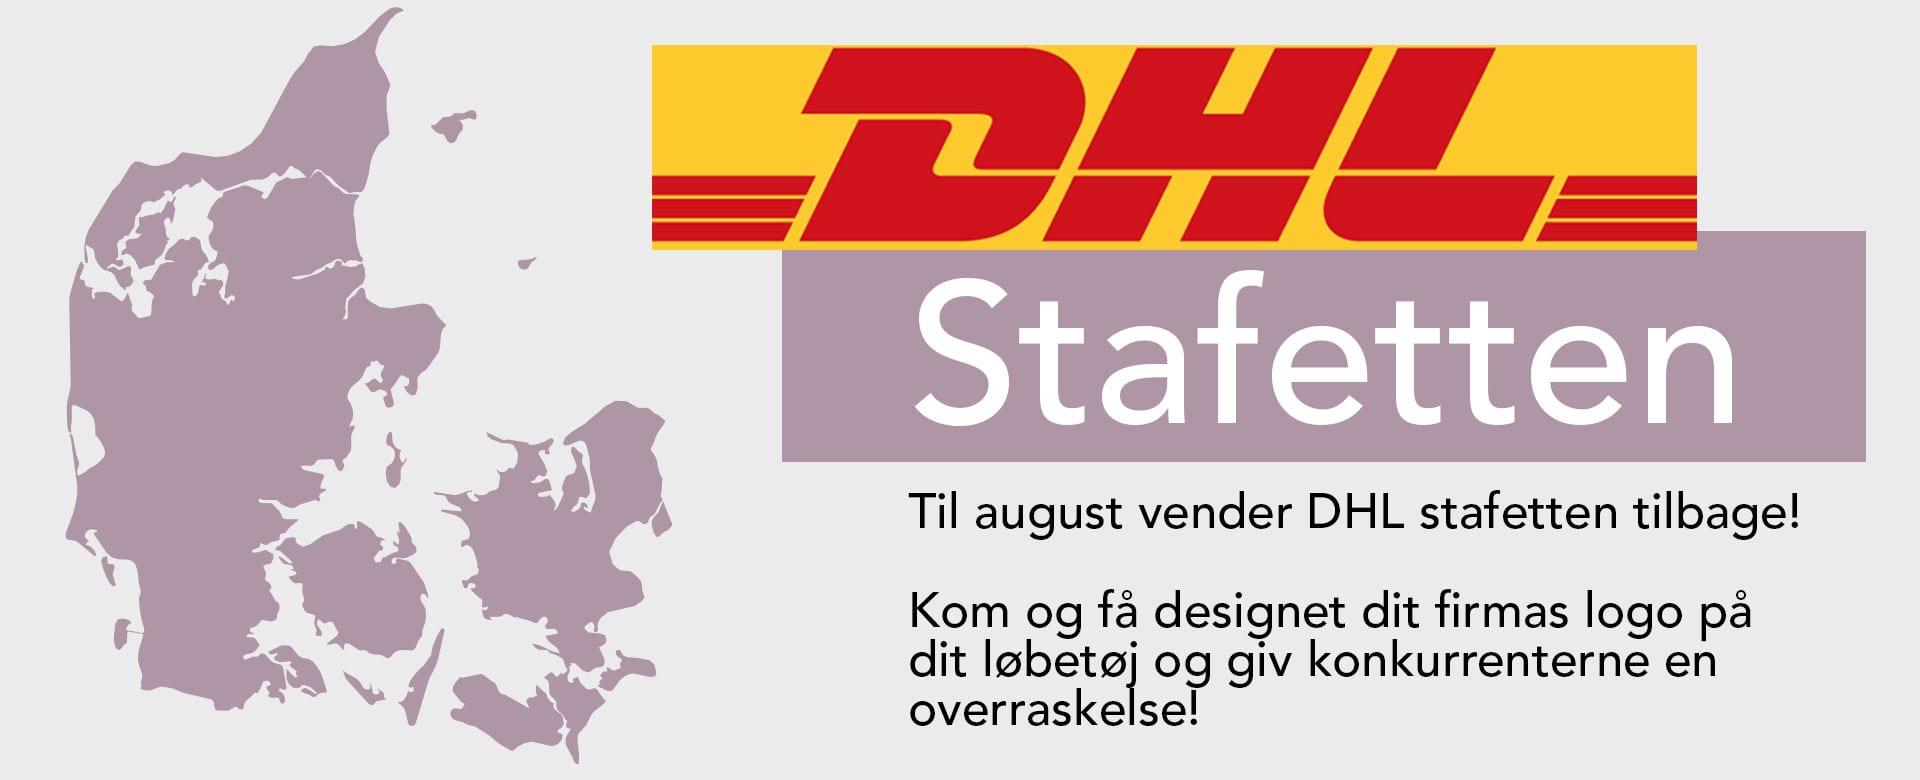 Til august vender DHL stafetten tilbage! Kom og få designet dit firmas logo på dit løbetøj og giv konkurrenterne en overraskelse!